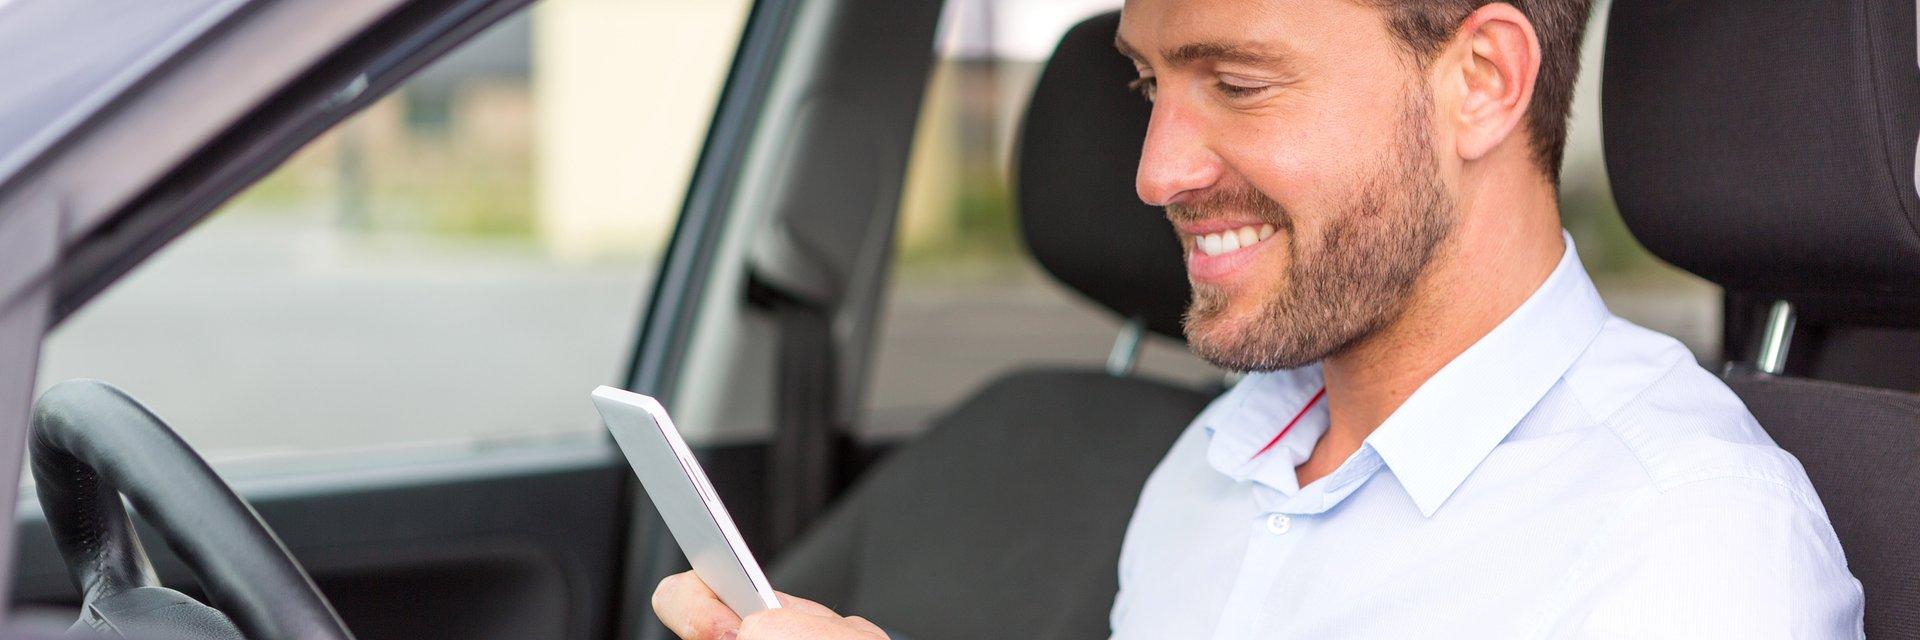 Też uważasz, że prowadzisz lepiej od innych? Nawigacja oceni, jak naprawdę radzisz sobie za kółkiem!